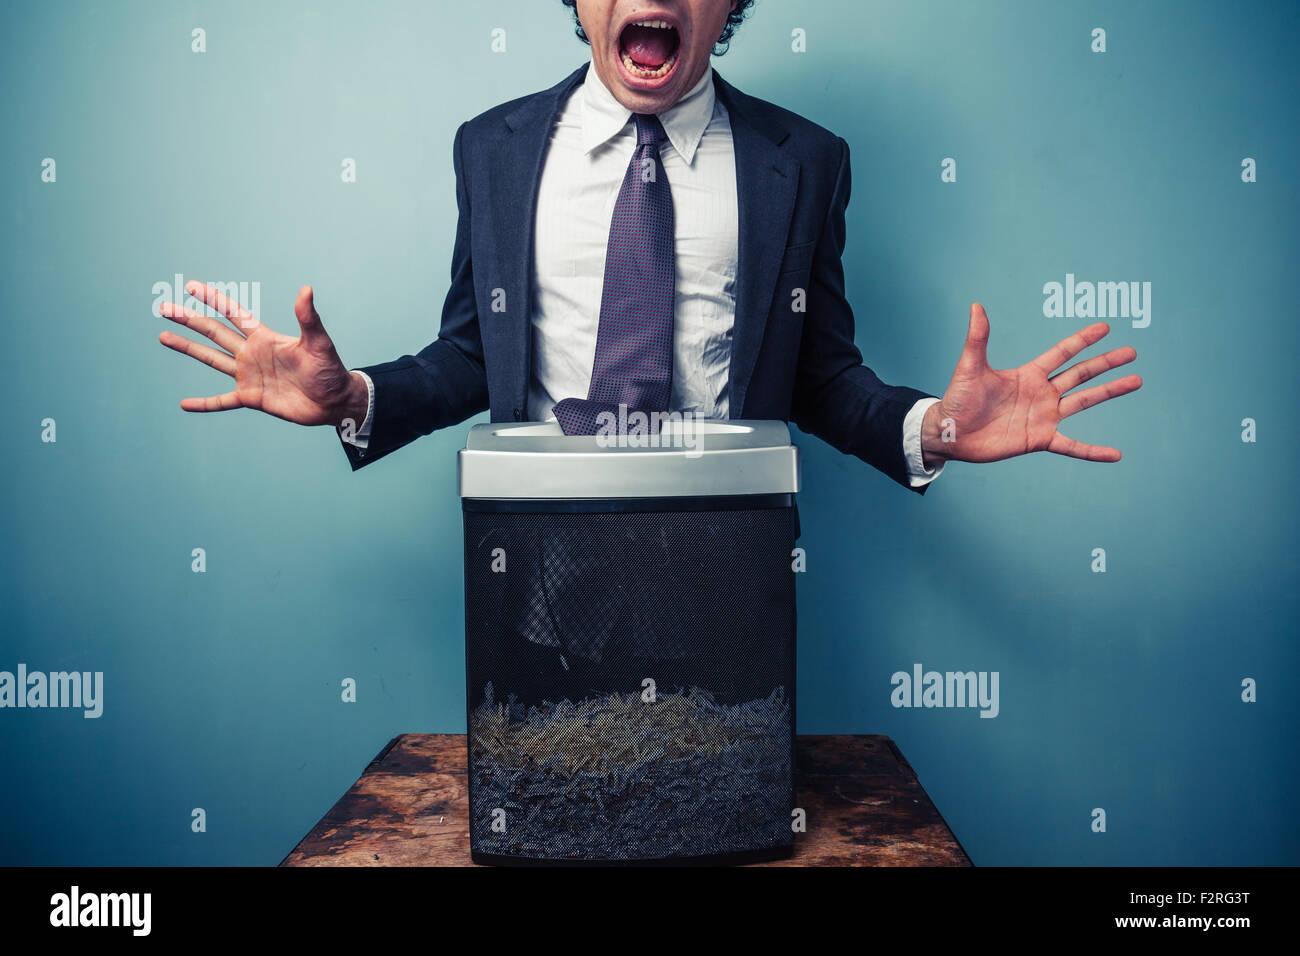 Imprenditore ha ottenuto il suo tirante bloccato in un foglio di carta trinciatrice Immagini Stock